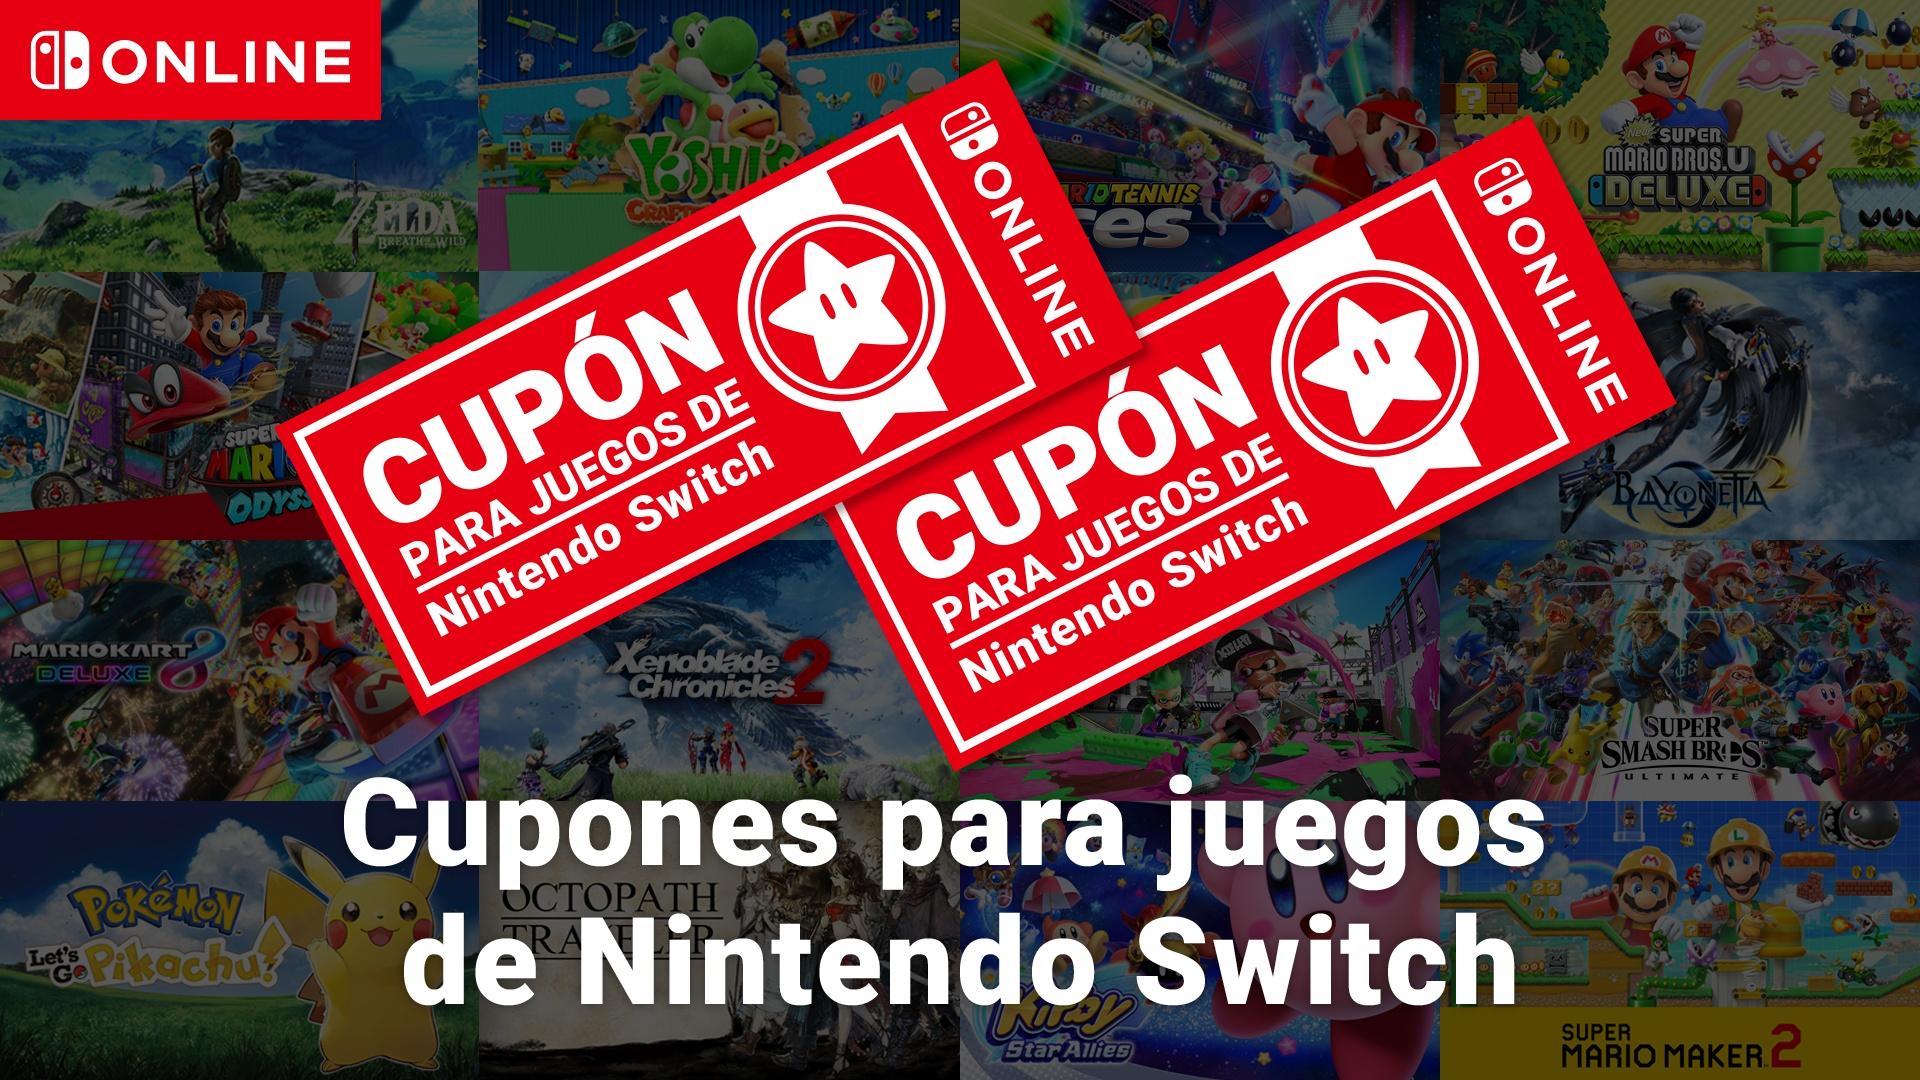 Cupones para Nintendo Switch (2 Juegos por 99€)